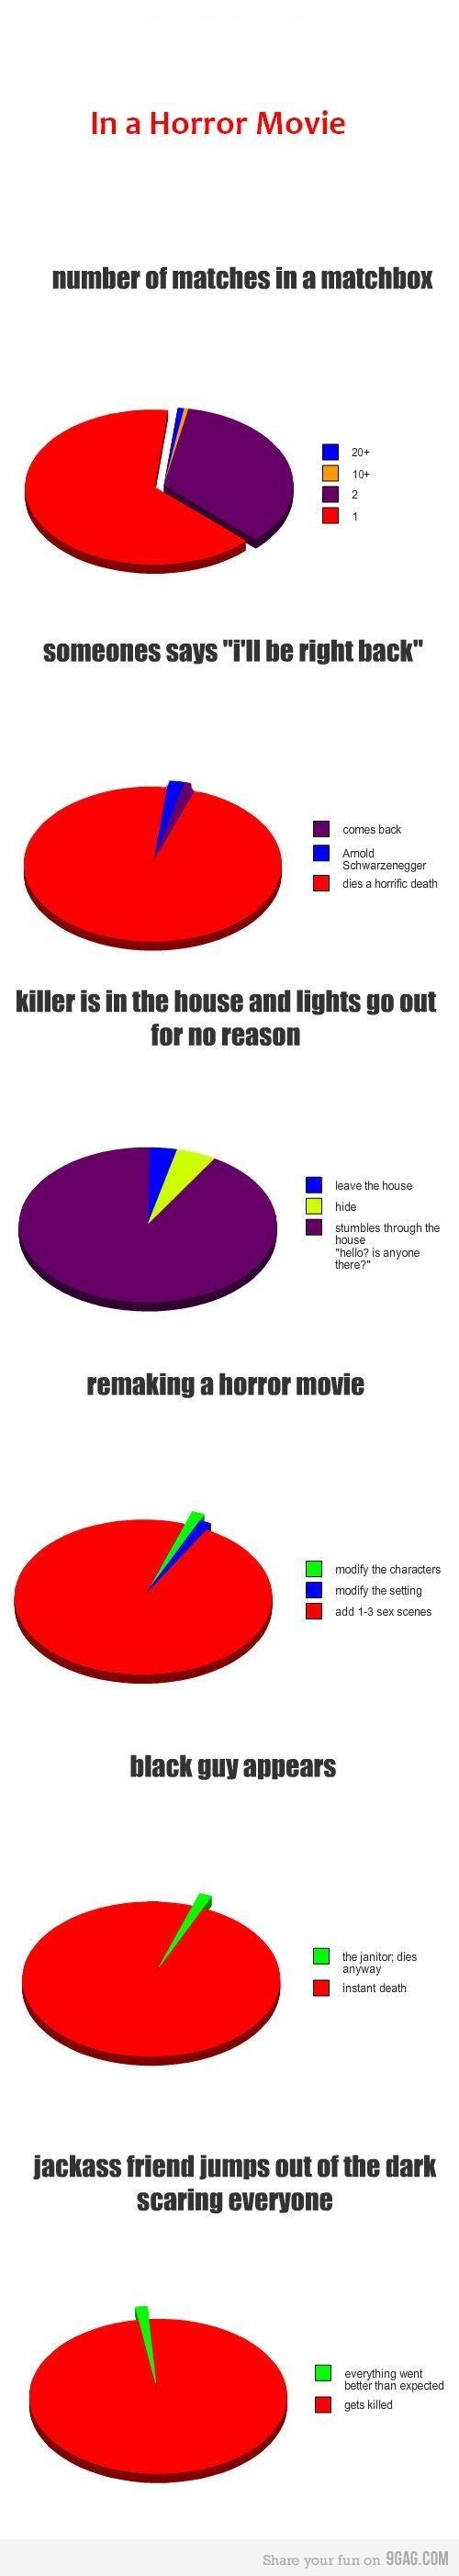 Horror movie statistics